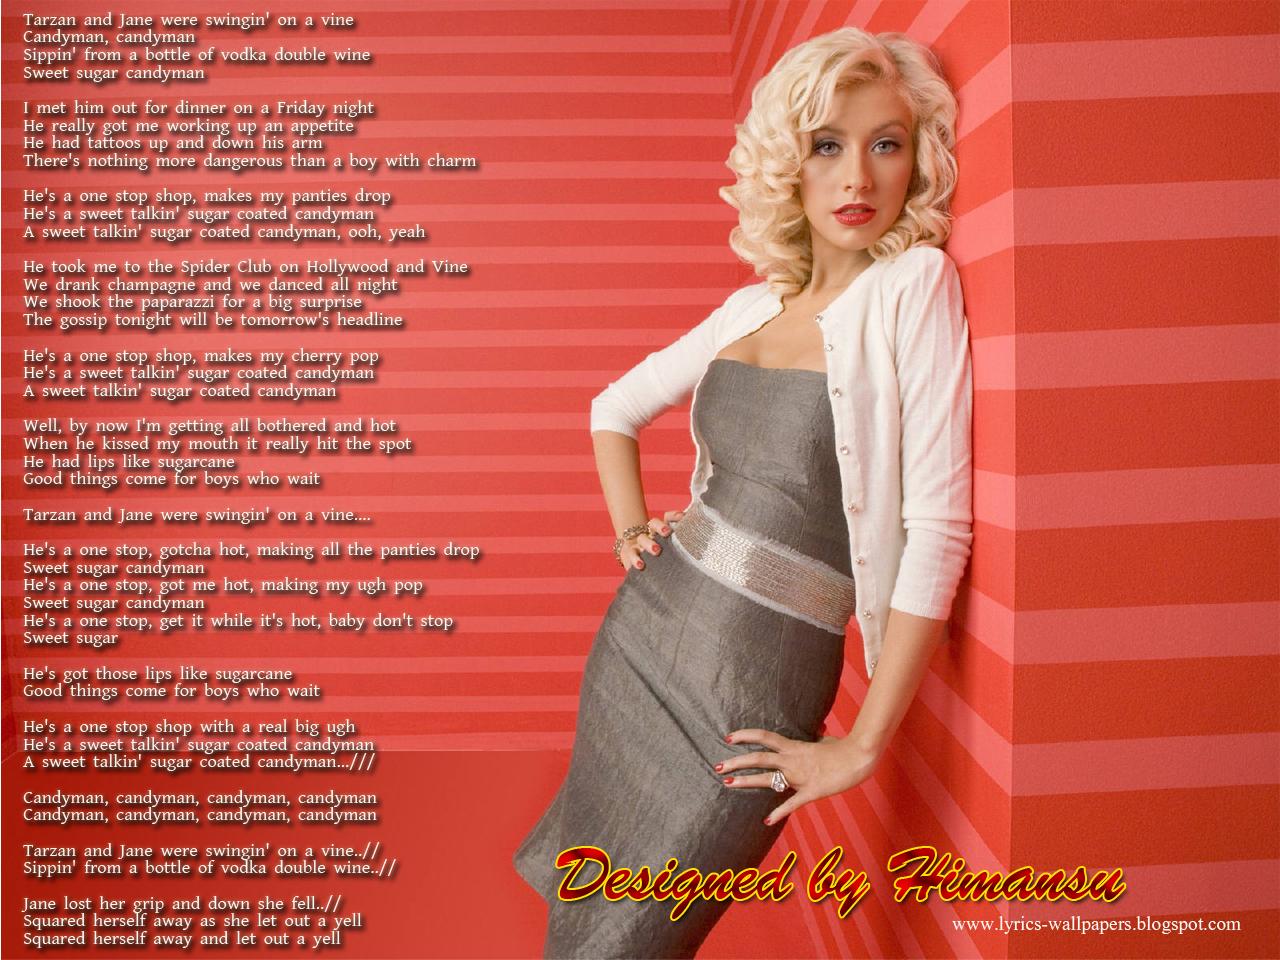 Lyrics Wallpapers: Christina Aguilera - Candyman